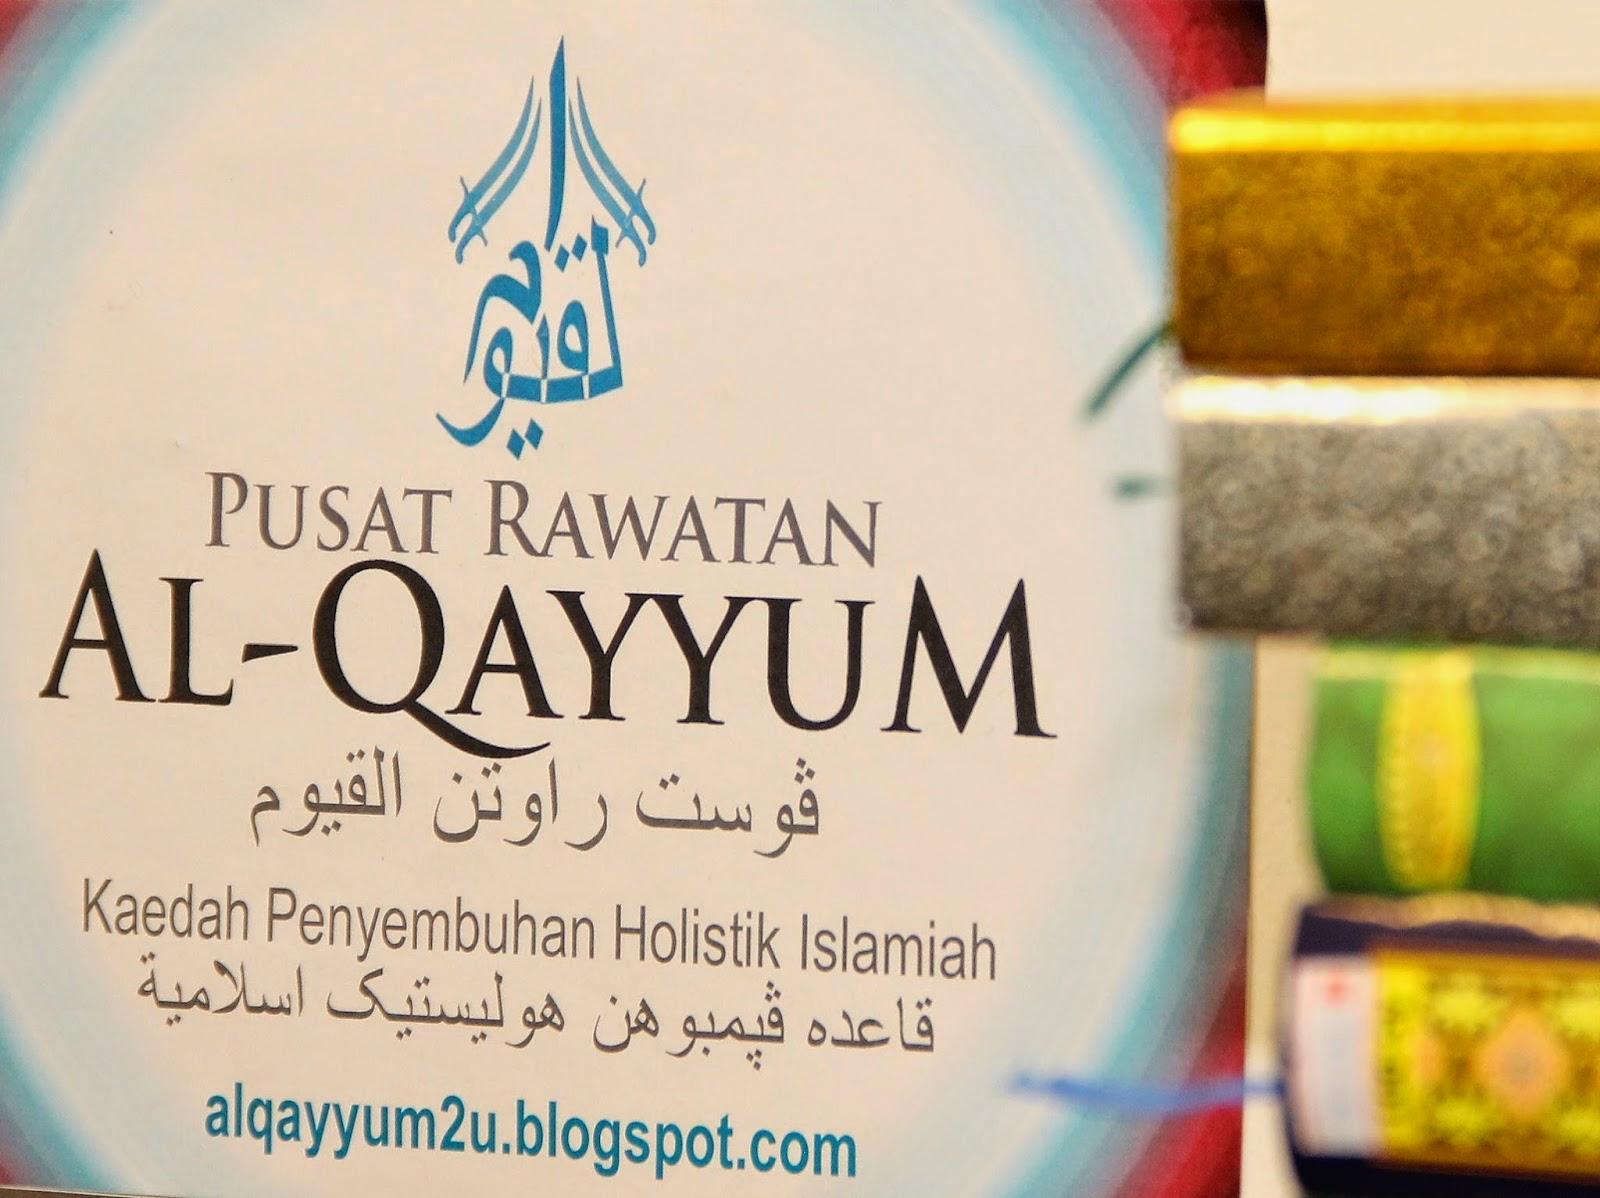 Mencari Rawatan Alternatif Untuk Mengubati Penyakit Misteri Pusat Rawatan Al Qayyum Sedia Membantu